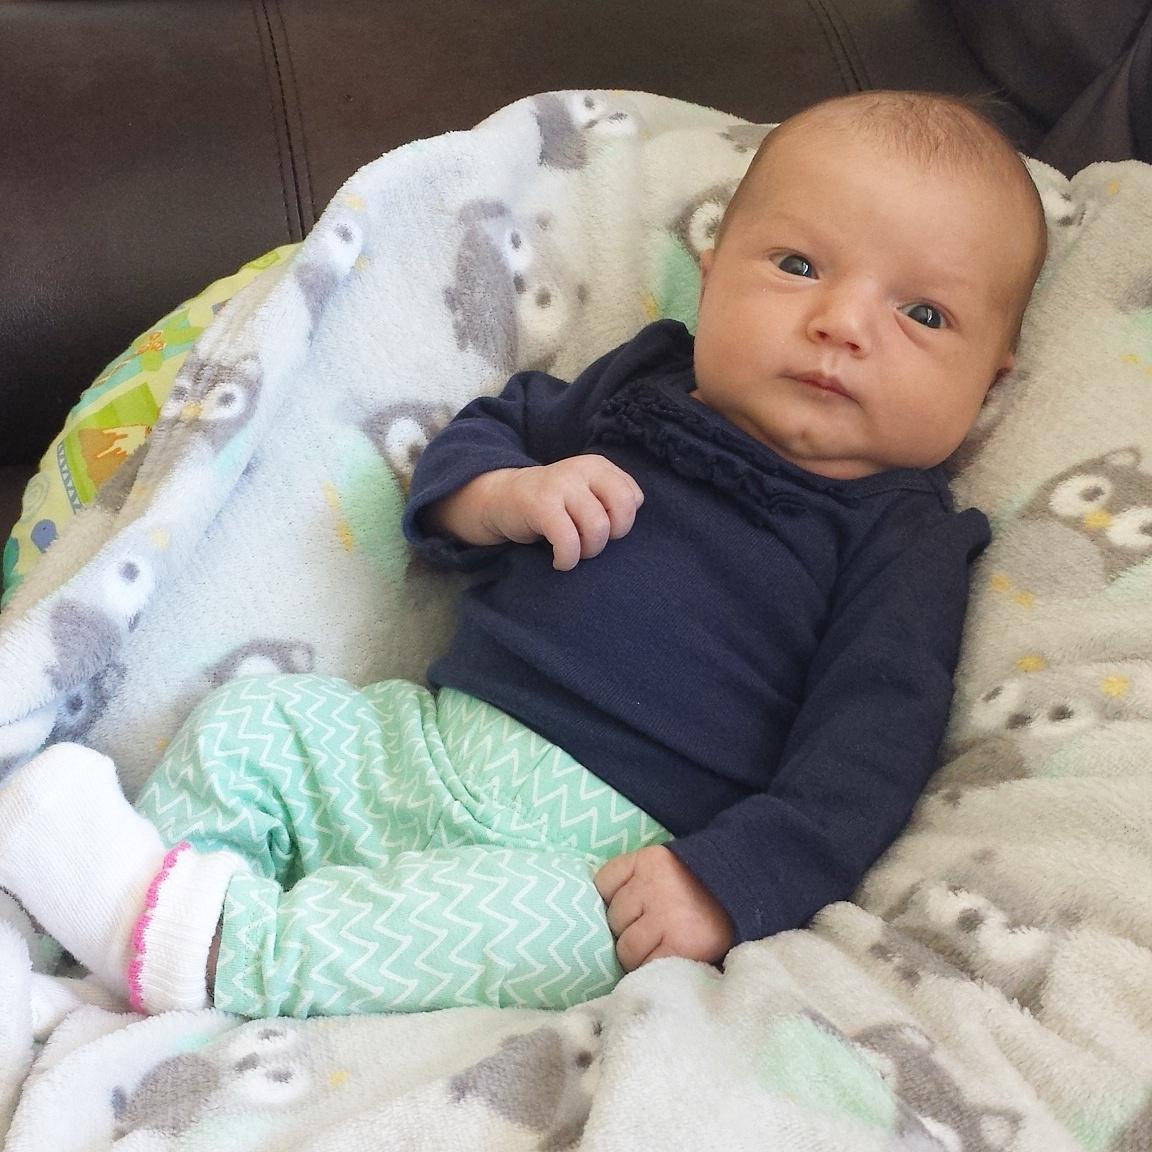 Introducing, Baby Hayden!